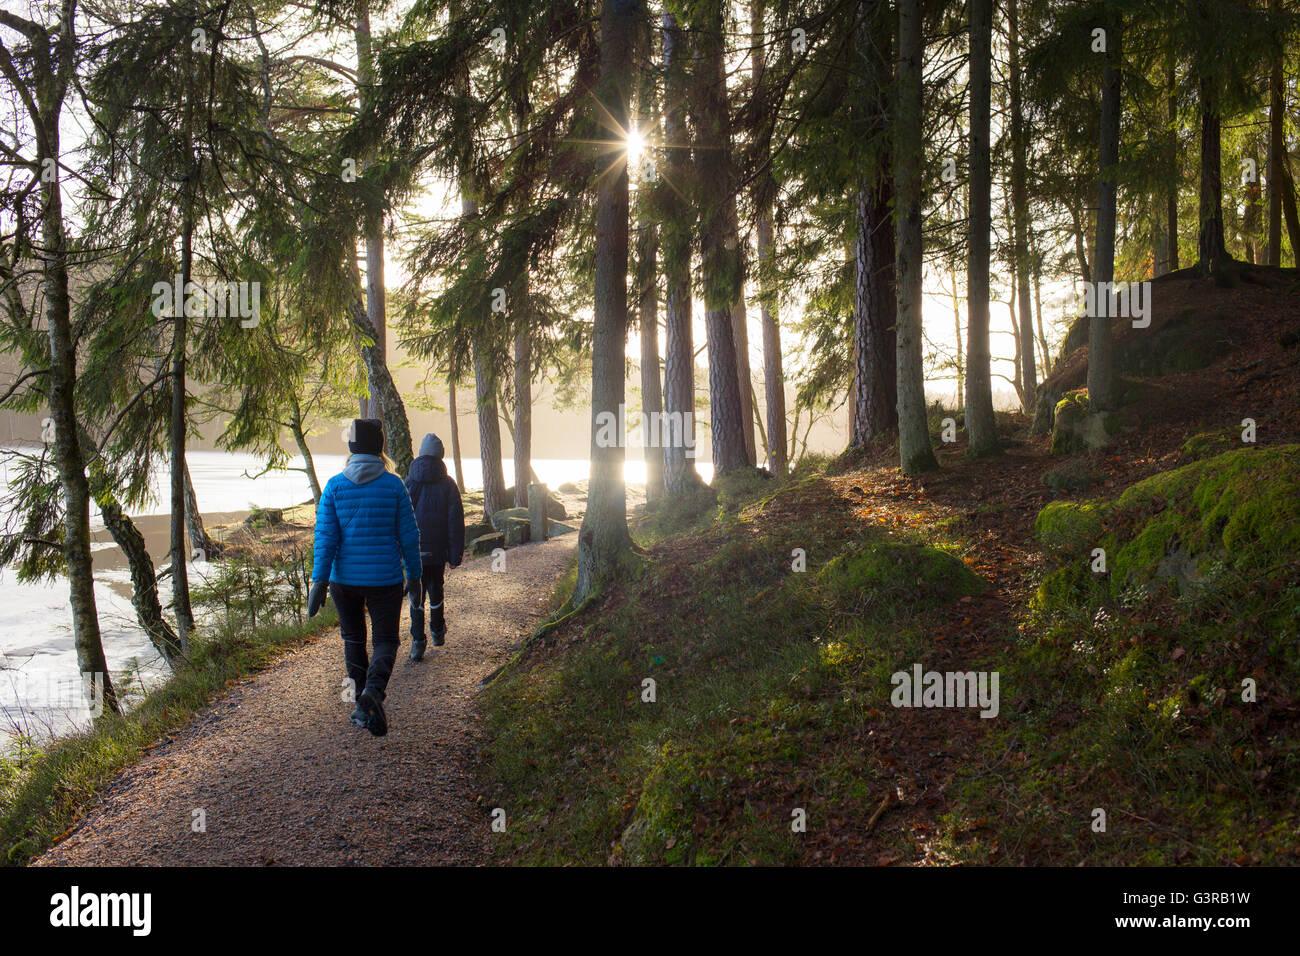 Suecia, Vastergotland, Lerum, Stamsjon, madre e hijo (12-13) caminando en el bosque Imagen De Stock